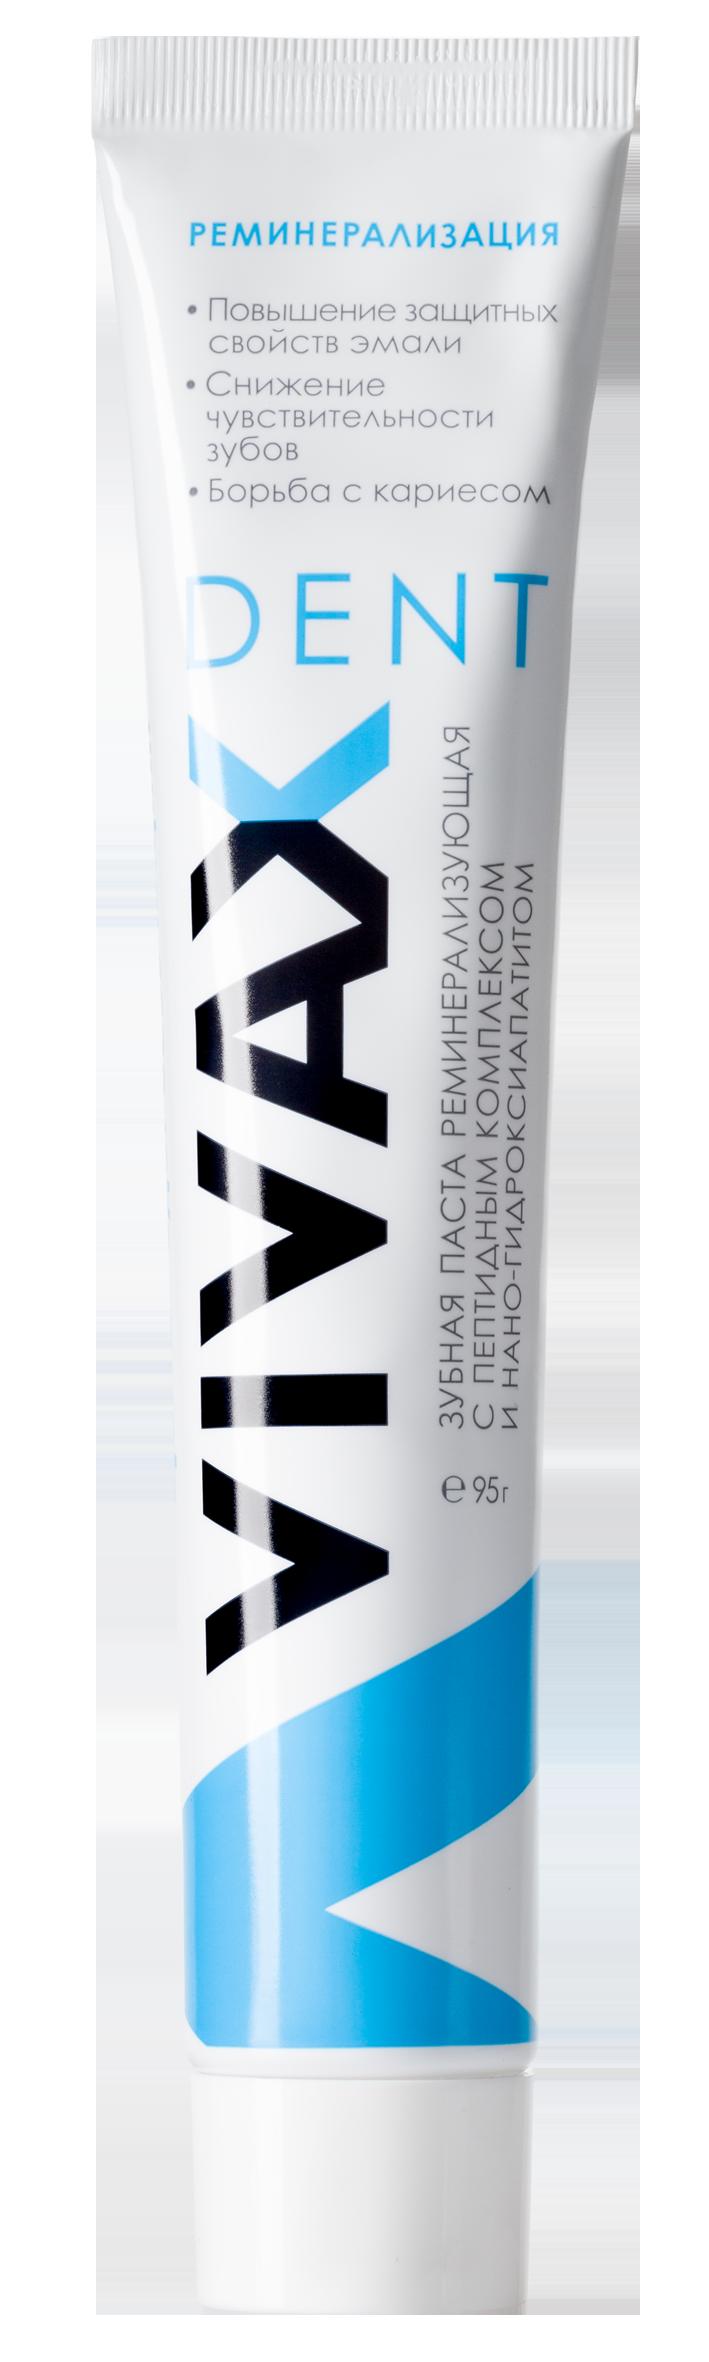 VIVAX Зубная паста реминерализующая / VIVAX Dent 75млОсобые средства<br>Рекомендовано:   при очаговой деминерализации эмали;   множественном кариесе;  гиперчувствительности зубов;   для восстановления минеральной плотности зубной эмали, при обострении воспалительного процесса.  Сочетание реминерализующих компонентов (гидратированного диоксида кремния, концентрата минерального из ламинарии) повышает резистентность эмали к действию кислот, понижает ее проницаемость и обеспечивает надежную профилактику кариеса, активно борется с повышенной чувствительностью эмали и воспалением, препятствует размножению патогенных микроорганизмов, нормализует обменные процессы и микроциркуляцию в тканях пародонта, оказывает антиоксидантное действие, придает зубной пасте противовоспалительный эффект. Под воздействием пептидных комплексов (АК-1) оказывает антиоксидантное действие. Входящие в состав пасты пирофосфаты препятствуют фиксации микроорганизмов на поверхности зубов. Пептиды (АК-7) способствуют нормализации обменных процессов и микроциркуляции крови в тканях пародонта. Входящий в состав пасты наногидроксиапатит восстанавливает естественную белизну зубов, укрепляет кристаллическую решетку эмали, повышает ее резистентность к действию кислот, удаляет налет. Паста обладает приятным вкусом и освежает дыхание.  Активные ингредиенты: Вода очищенная, cорбитол, гидратированный диоксид кремния, глицерин, лаурилсульфат натрия, наногидроксиапатит, ароматизаторы, натрия монофторфосфат (массовая доля фторид- иона - 0,15%), концентрат минеральный из ламинарии, тетракалия пирофосфат, тетранатрия пирофосфат, мумие, диоксид титана, метилпарабен, этилпарабен в пропиленгликоле, натрия карбоксиметилцеллюлоза, аспартам и сахарин, сополимер акрилата / С10-30 алкилакрилата, гидроксид натрия, пептидные комплексы АК-1, АК-7.  Способ применения: Небольшое количество зубной пасты нанести на мягкую зубную щетку. Чистить зубы круговыми движениями, одновременно аккуратно массируя десны. Полость рта ополоснуть н